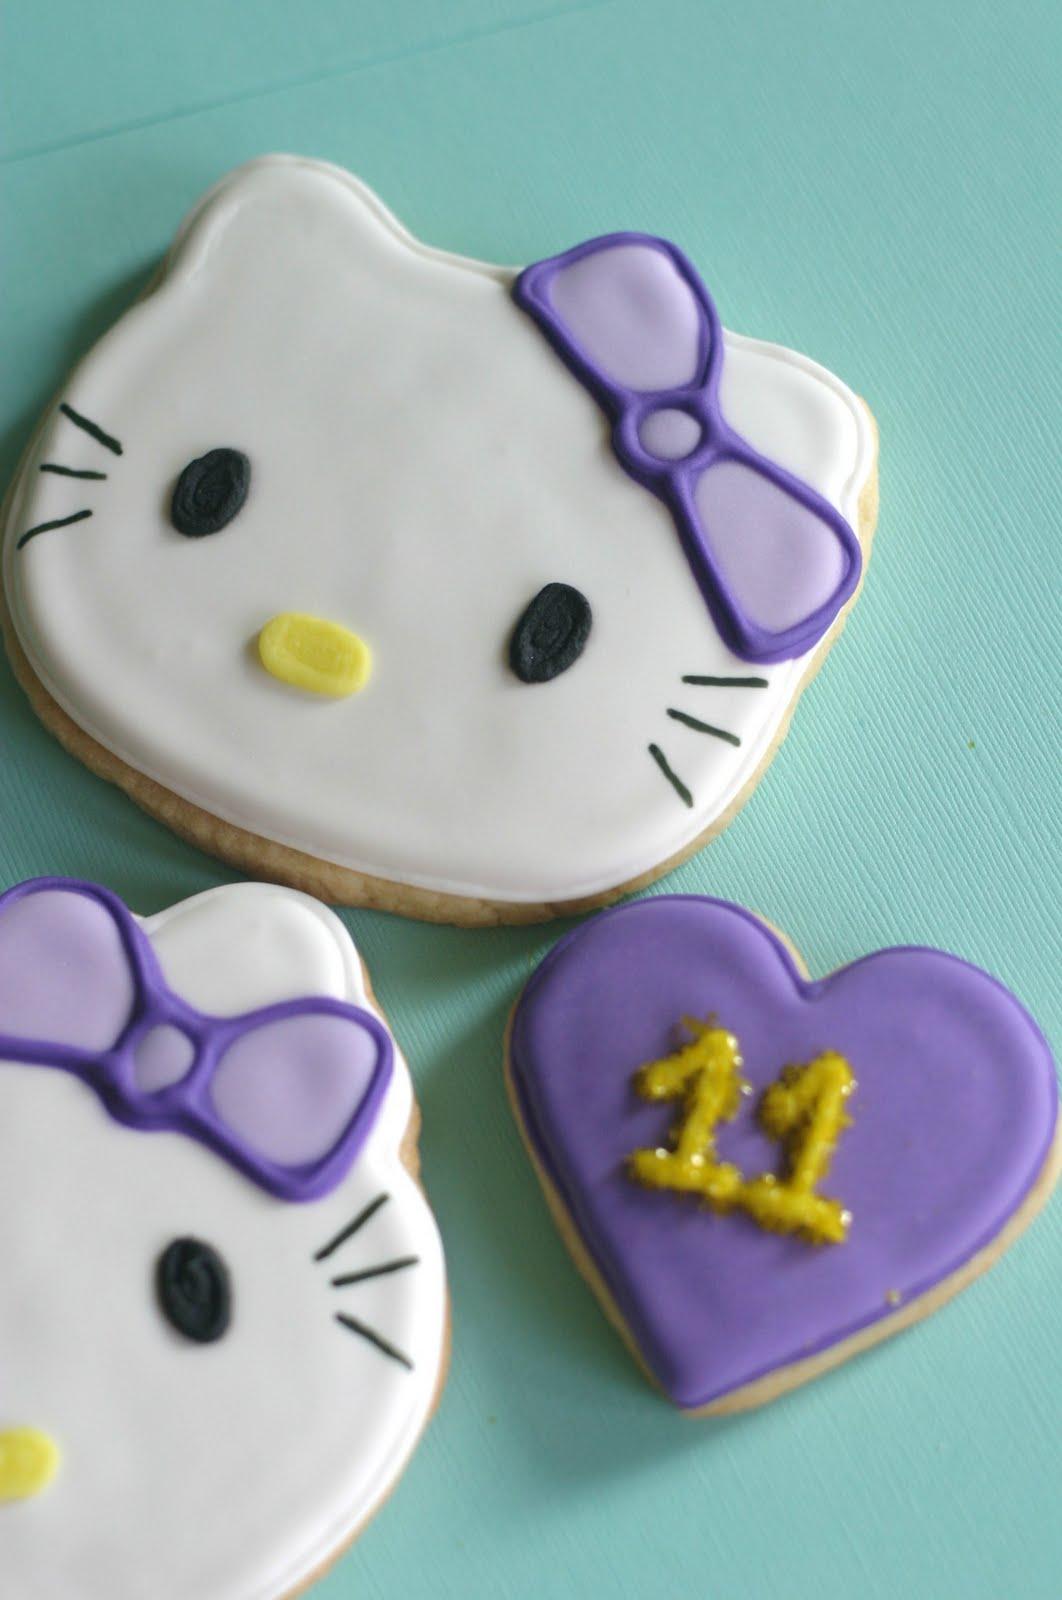 Maries Manor Hello Kitty: Pink Little Cake: Purple Bow-Hello Kitty Cookies